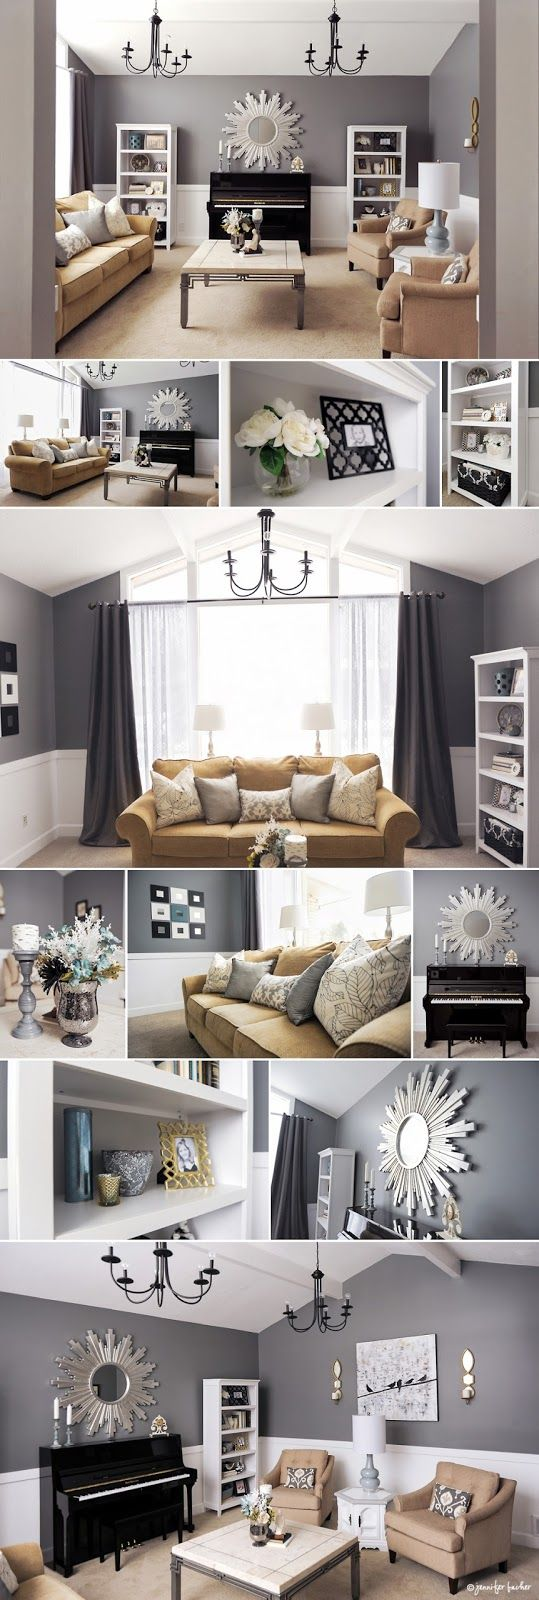 Diy Home Decor 10